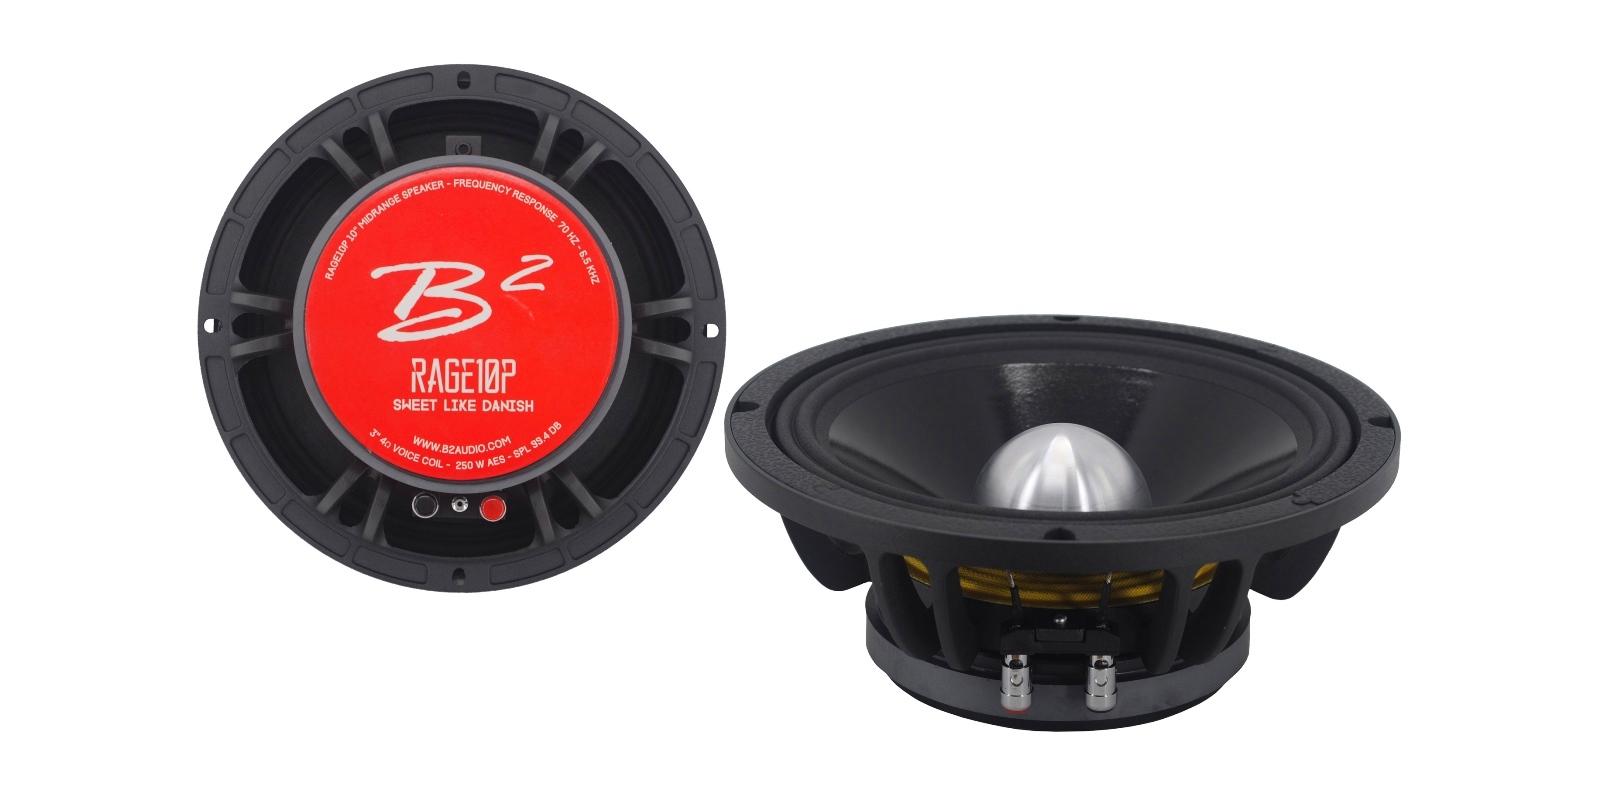 B2 audio RAGE10P